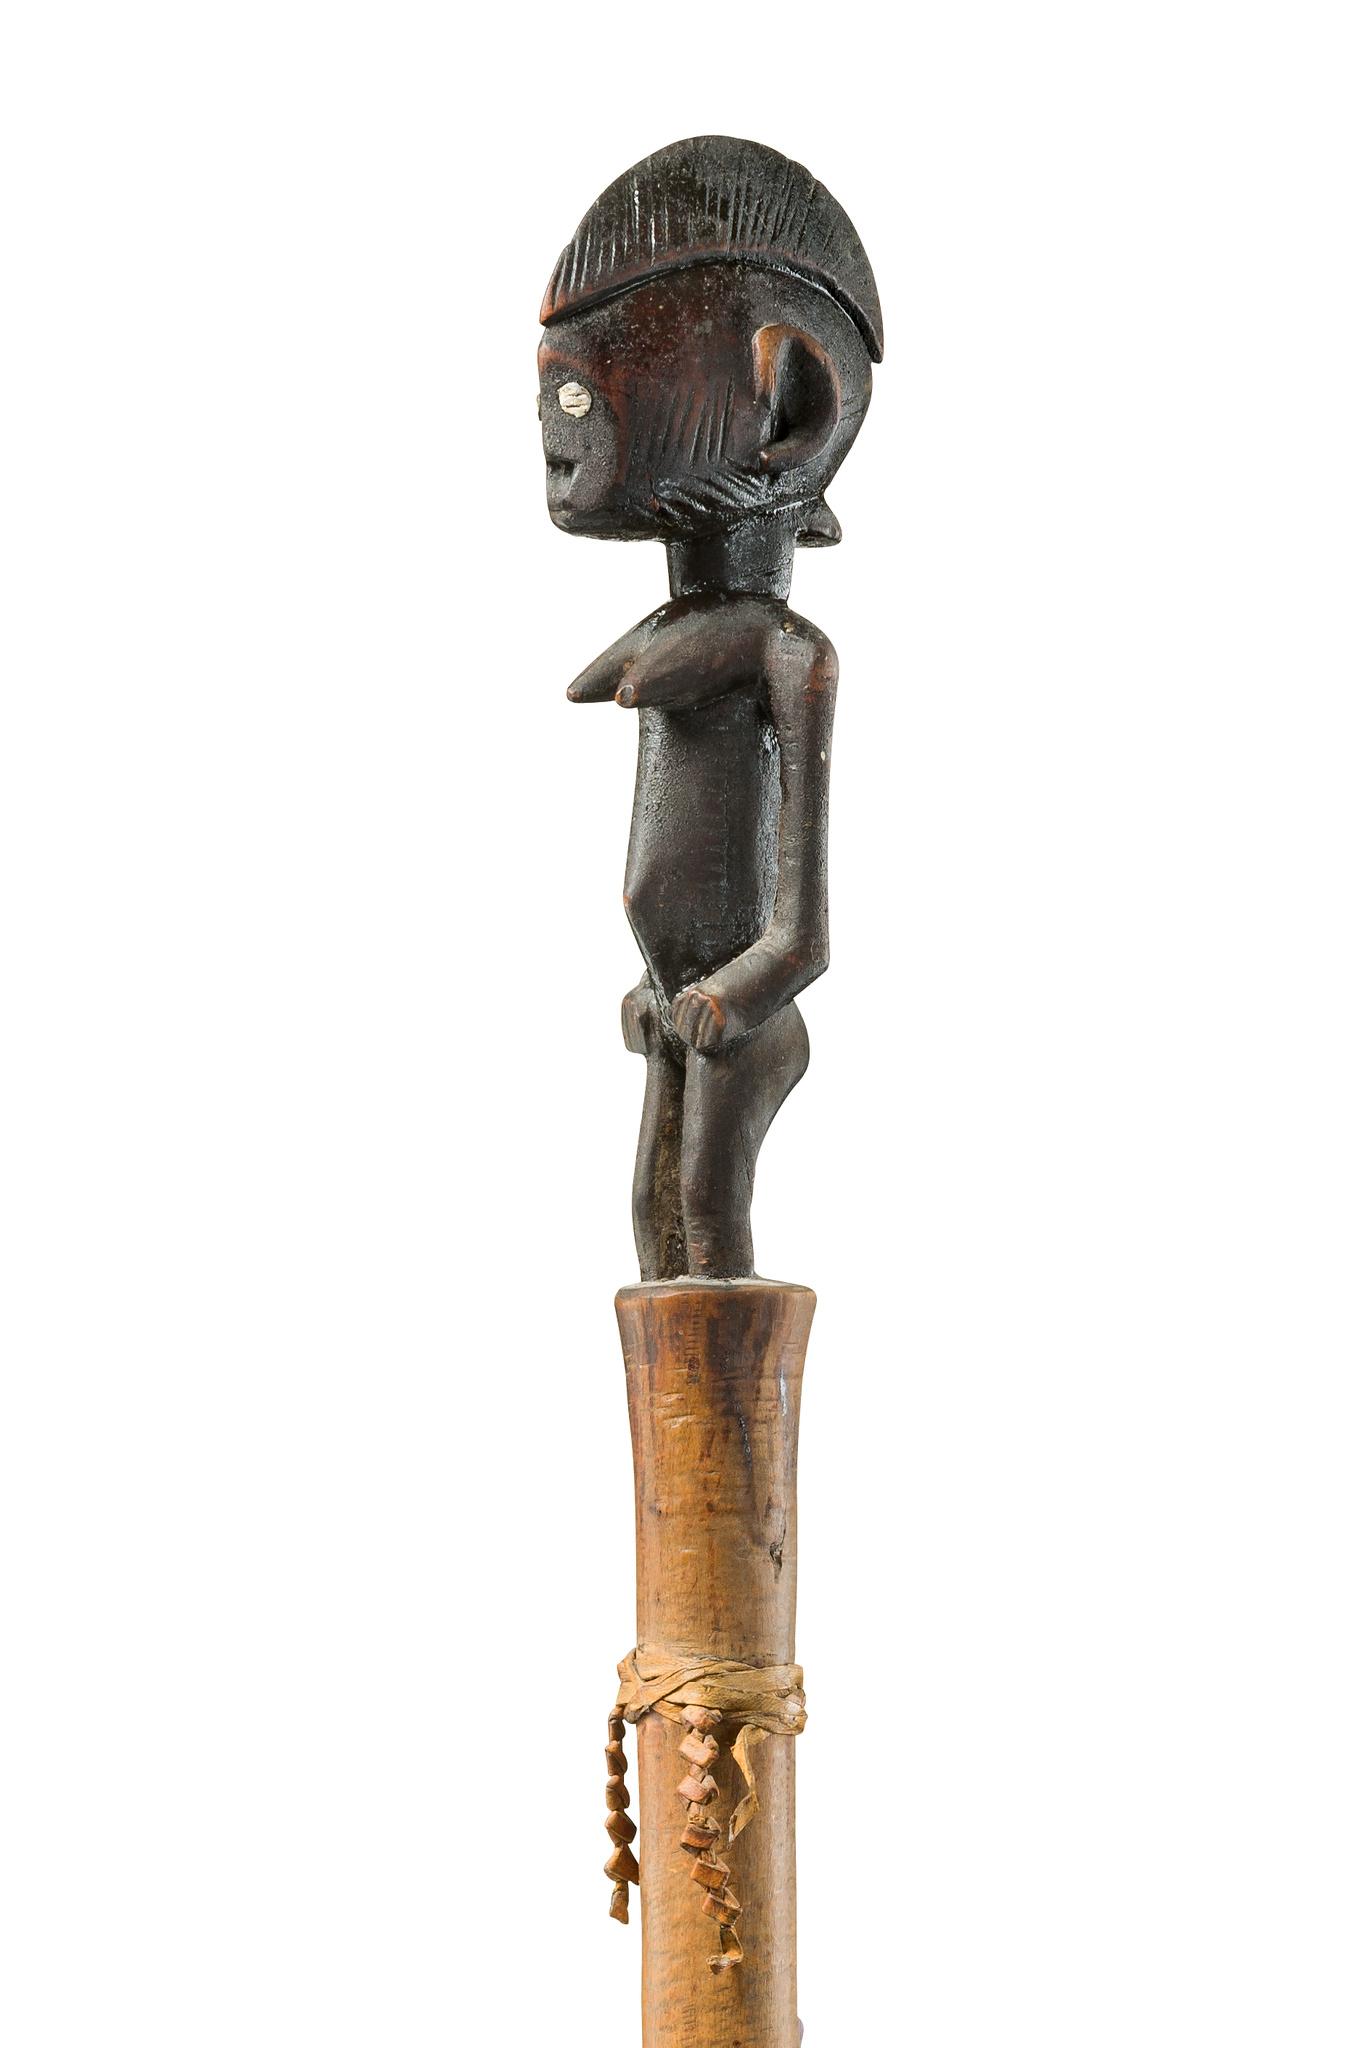 Figural beschnitzter Würdestab